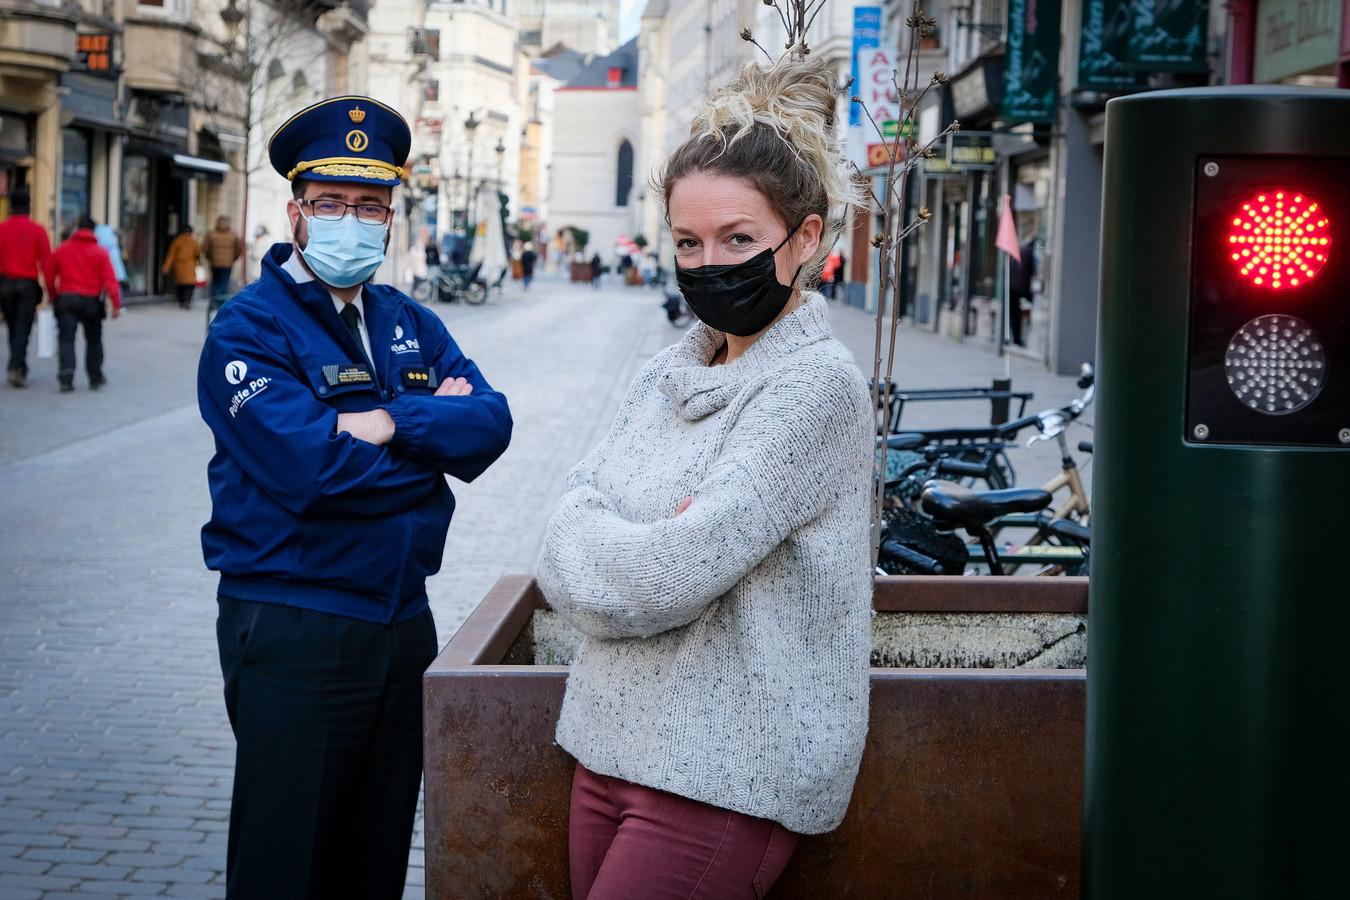 Commissaris Olivier Slosse en rechercheur Sophie Van Den Dooren, die zedenzaken onderzoekt bij de lokale politiezone Brussel Hoofdstad Elsene.